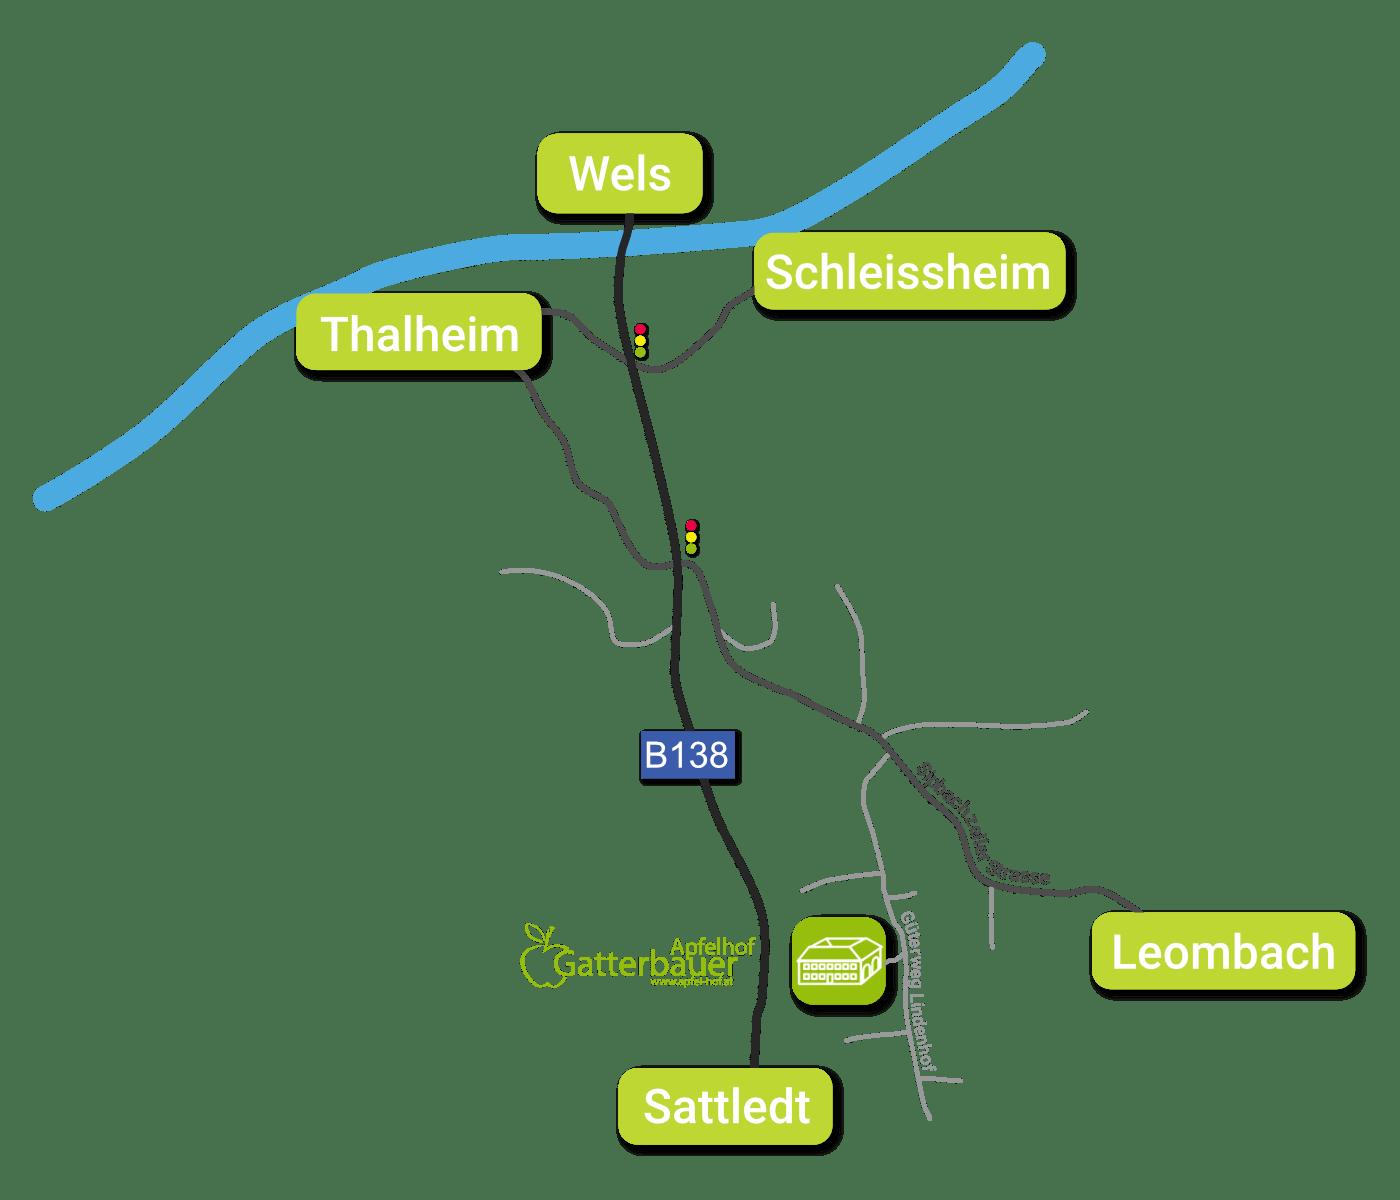 Anfahrt Apfelhof Gatterbauer